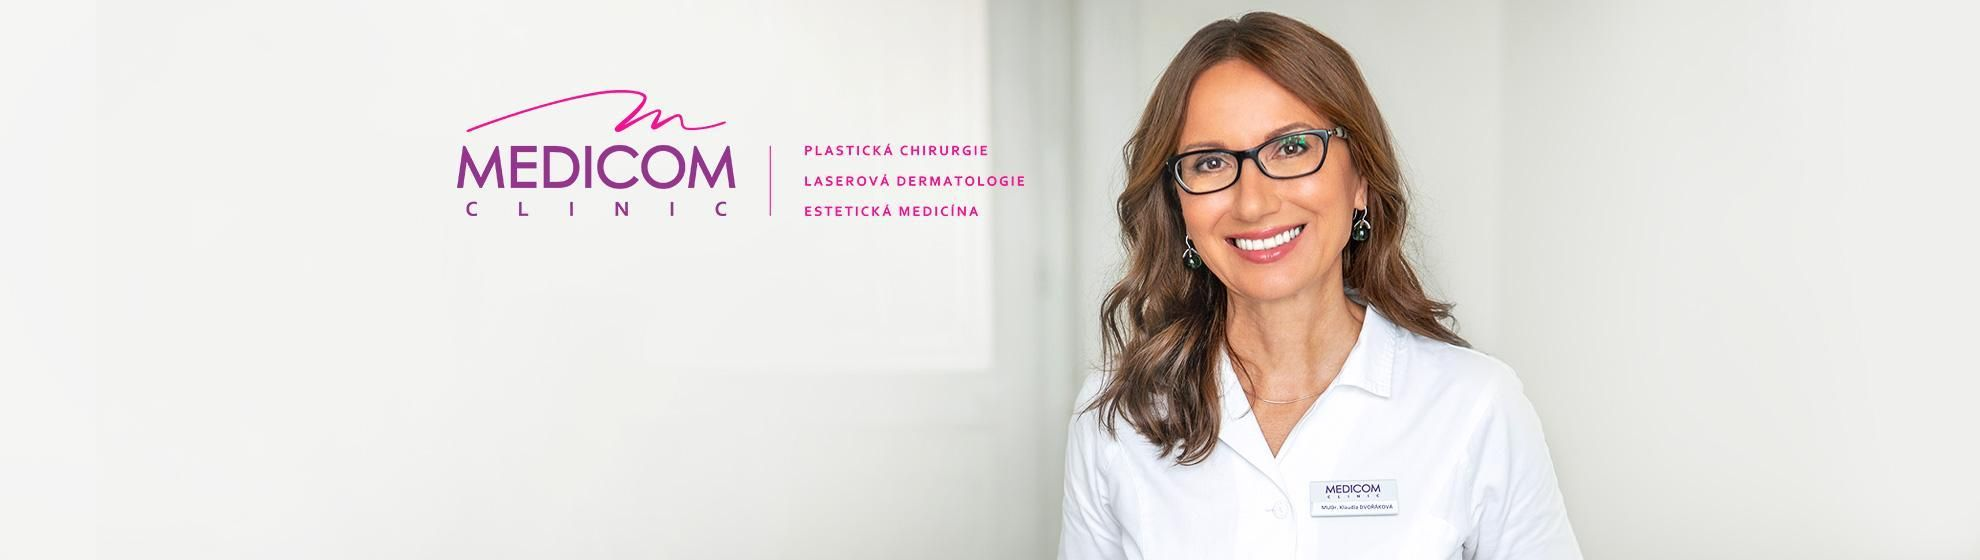 MUDr. Klaudia Dvořáková - MEDICOM Clinic